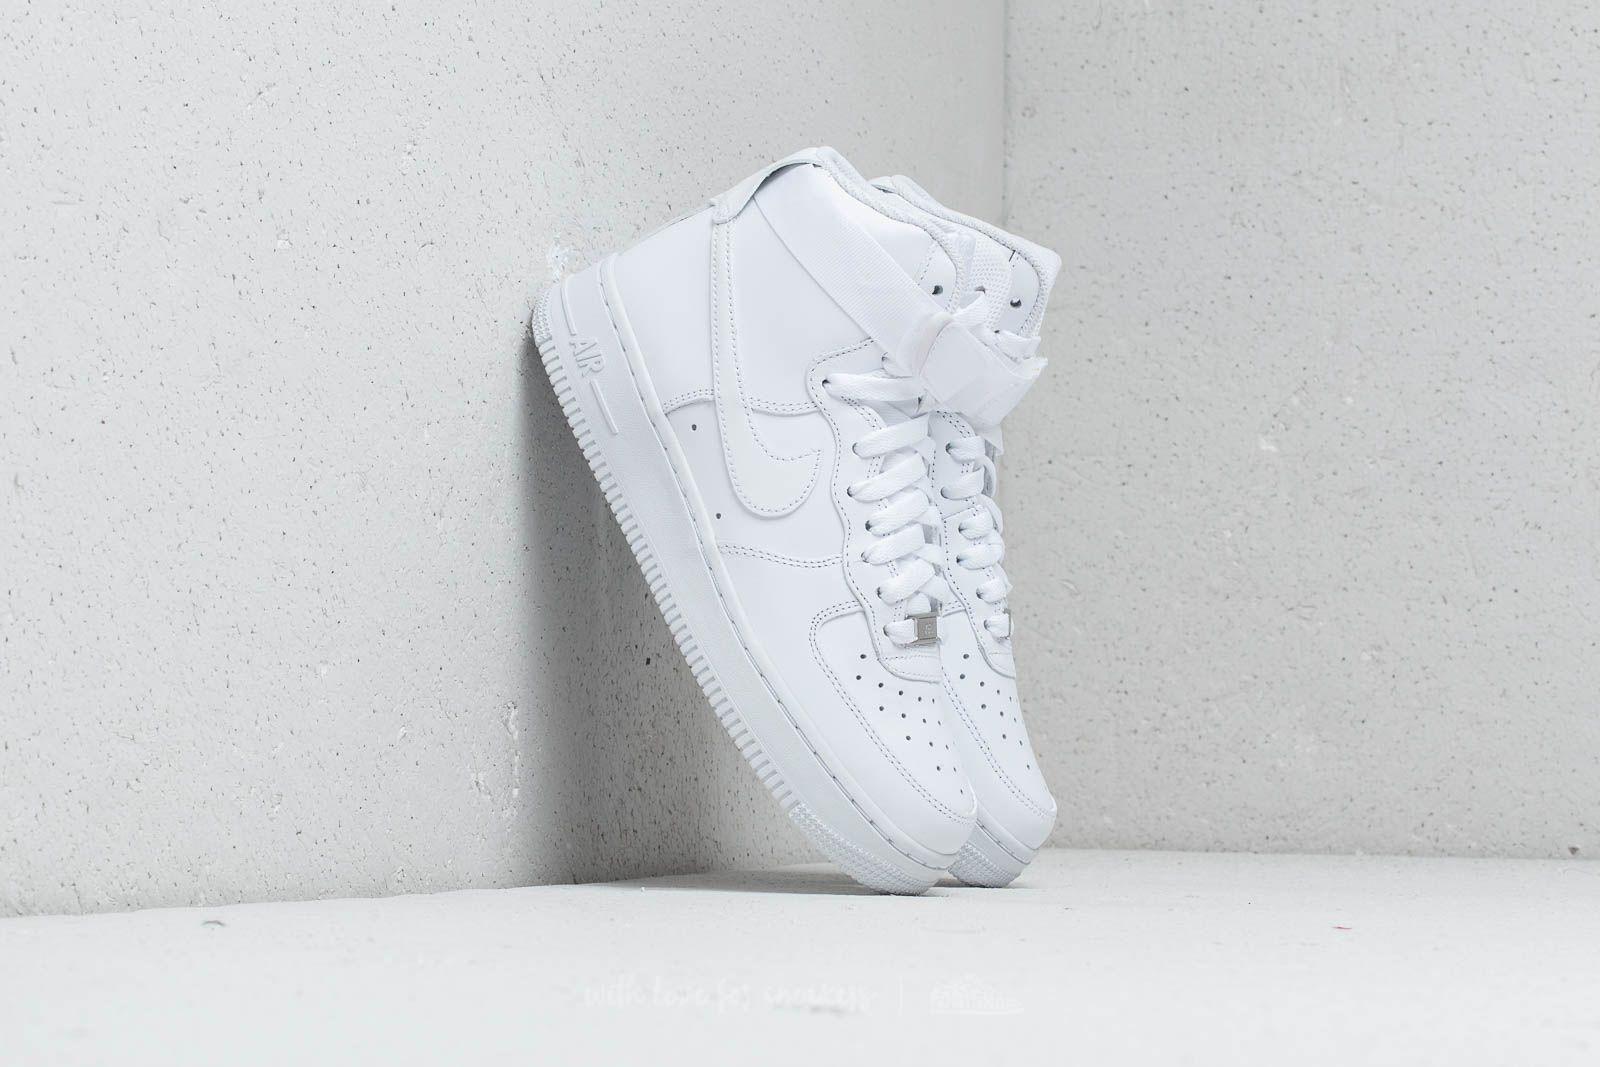 Nike Wmns Air Force 1 High White/ White-White za skvelú cenu 117 € kúpite na Footshop.sk